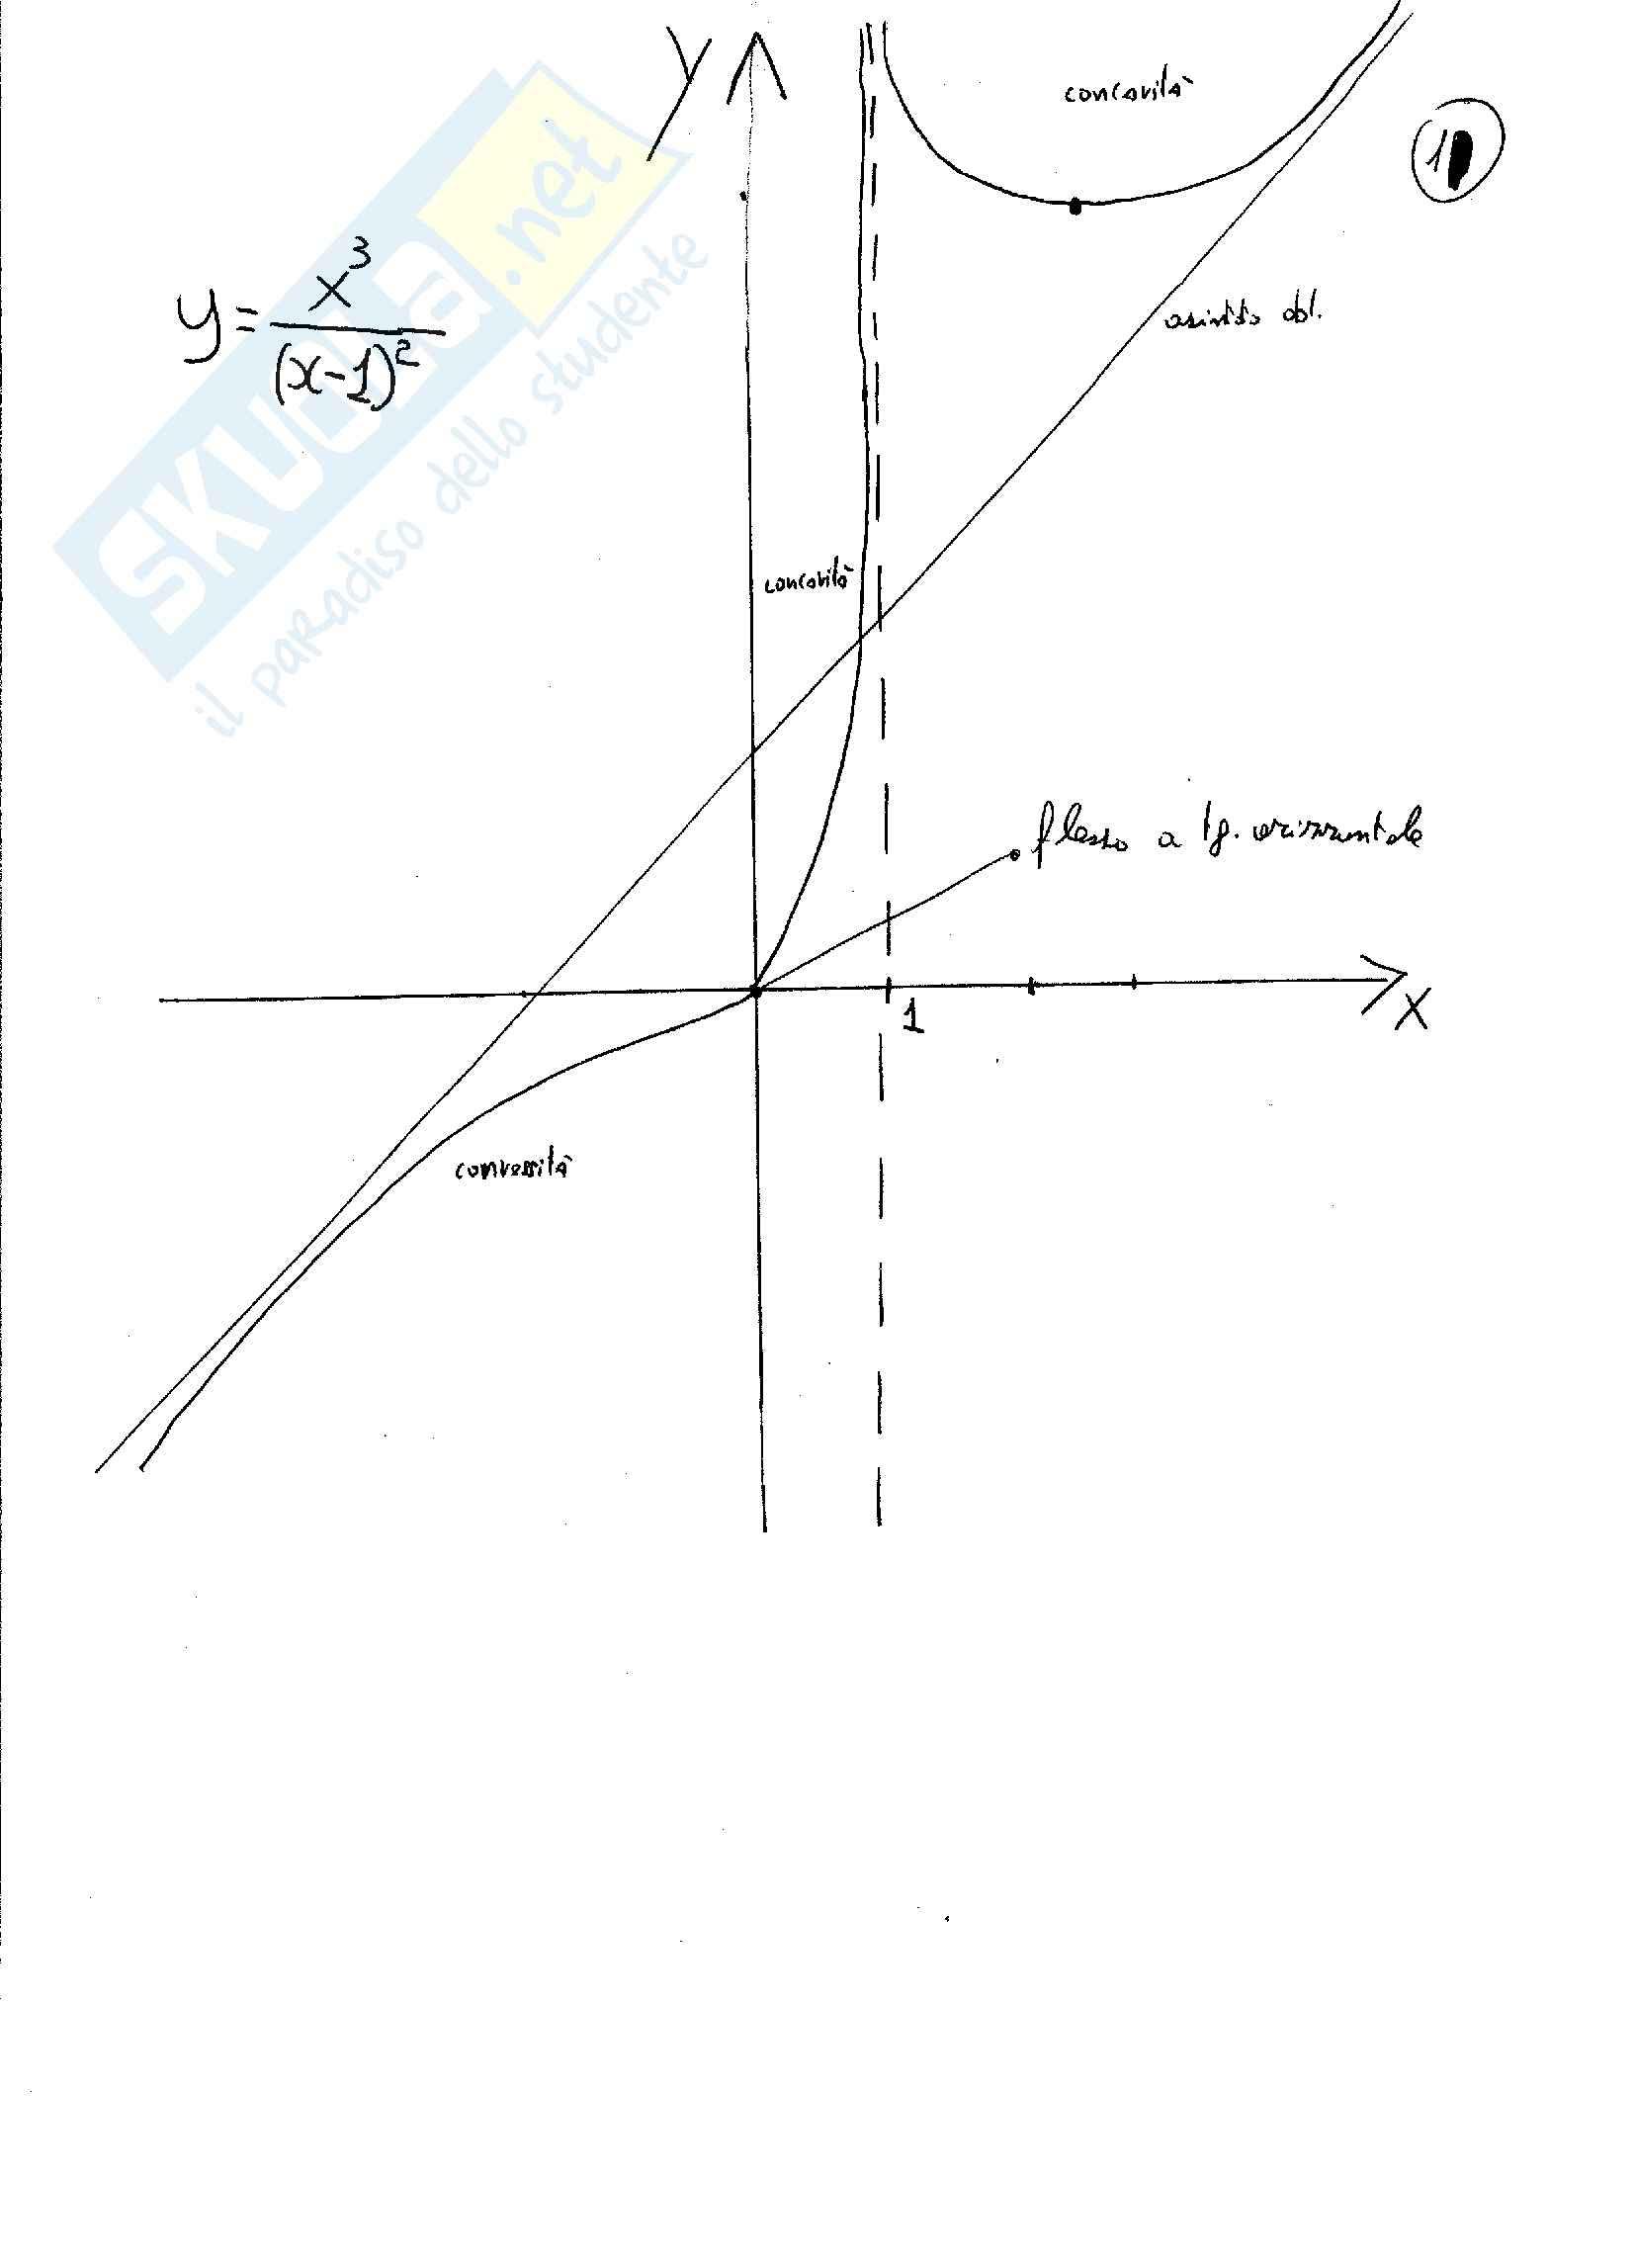 Analisi matematica 1 - esercizi Svolti sulle funzioni razionali fratte